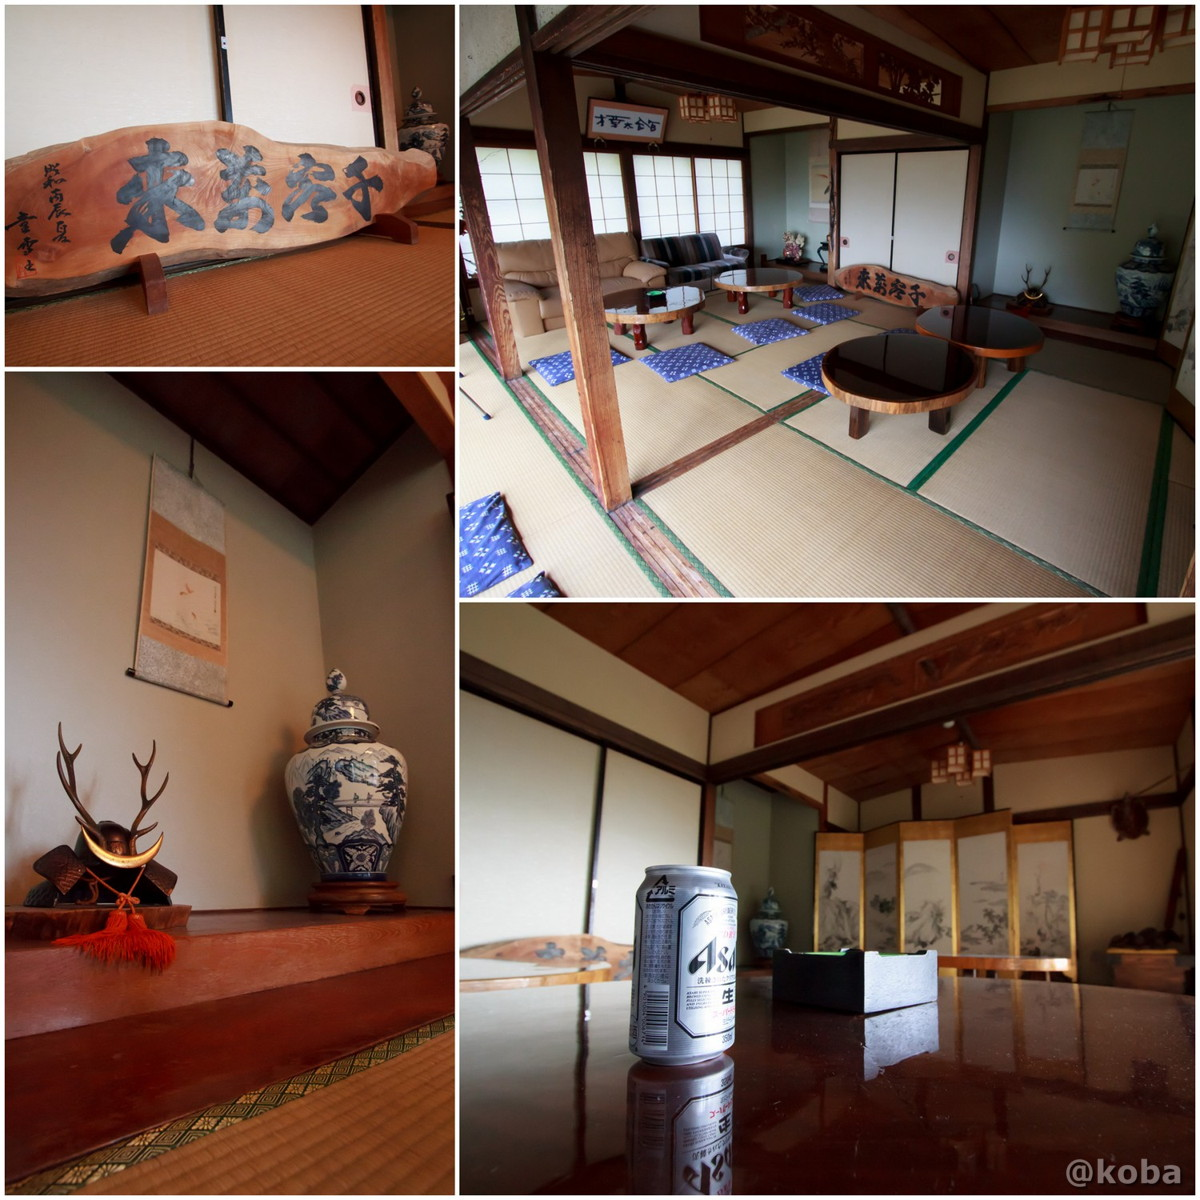 和室、休憩所の写真 燕温泉 樺太館(つばめおんせん からふとかん)新潟県 妙高市